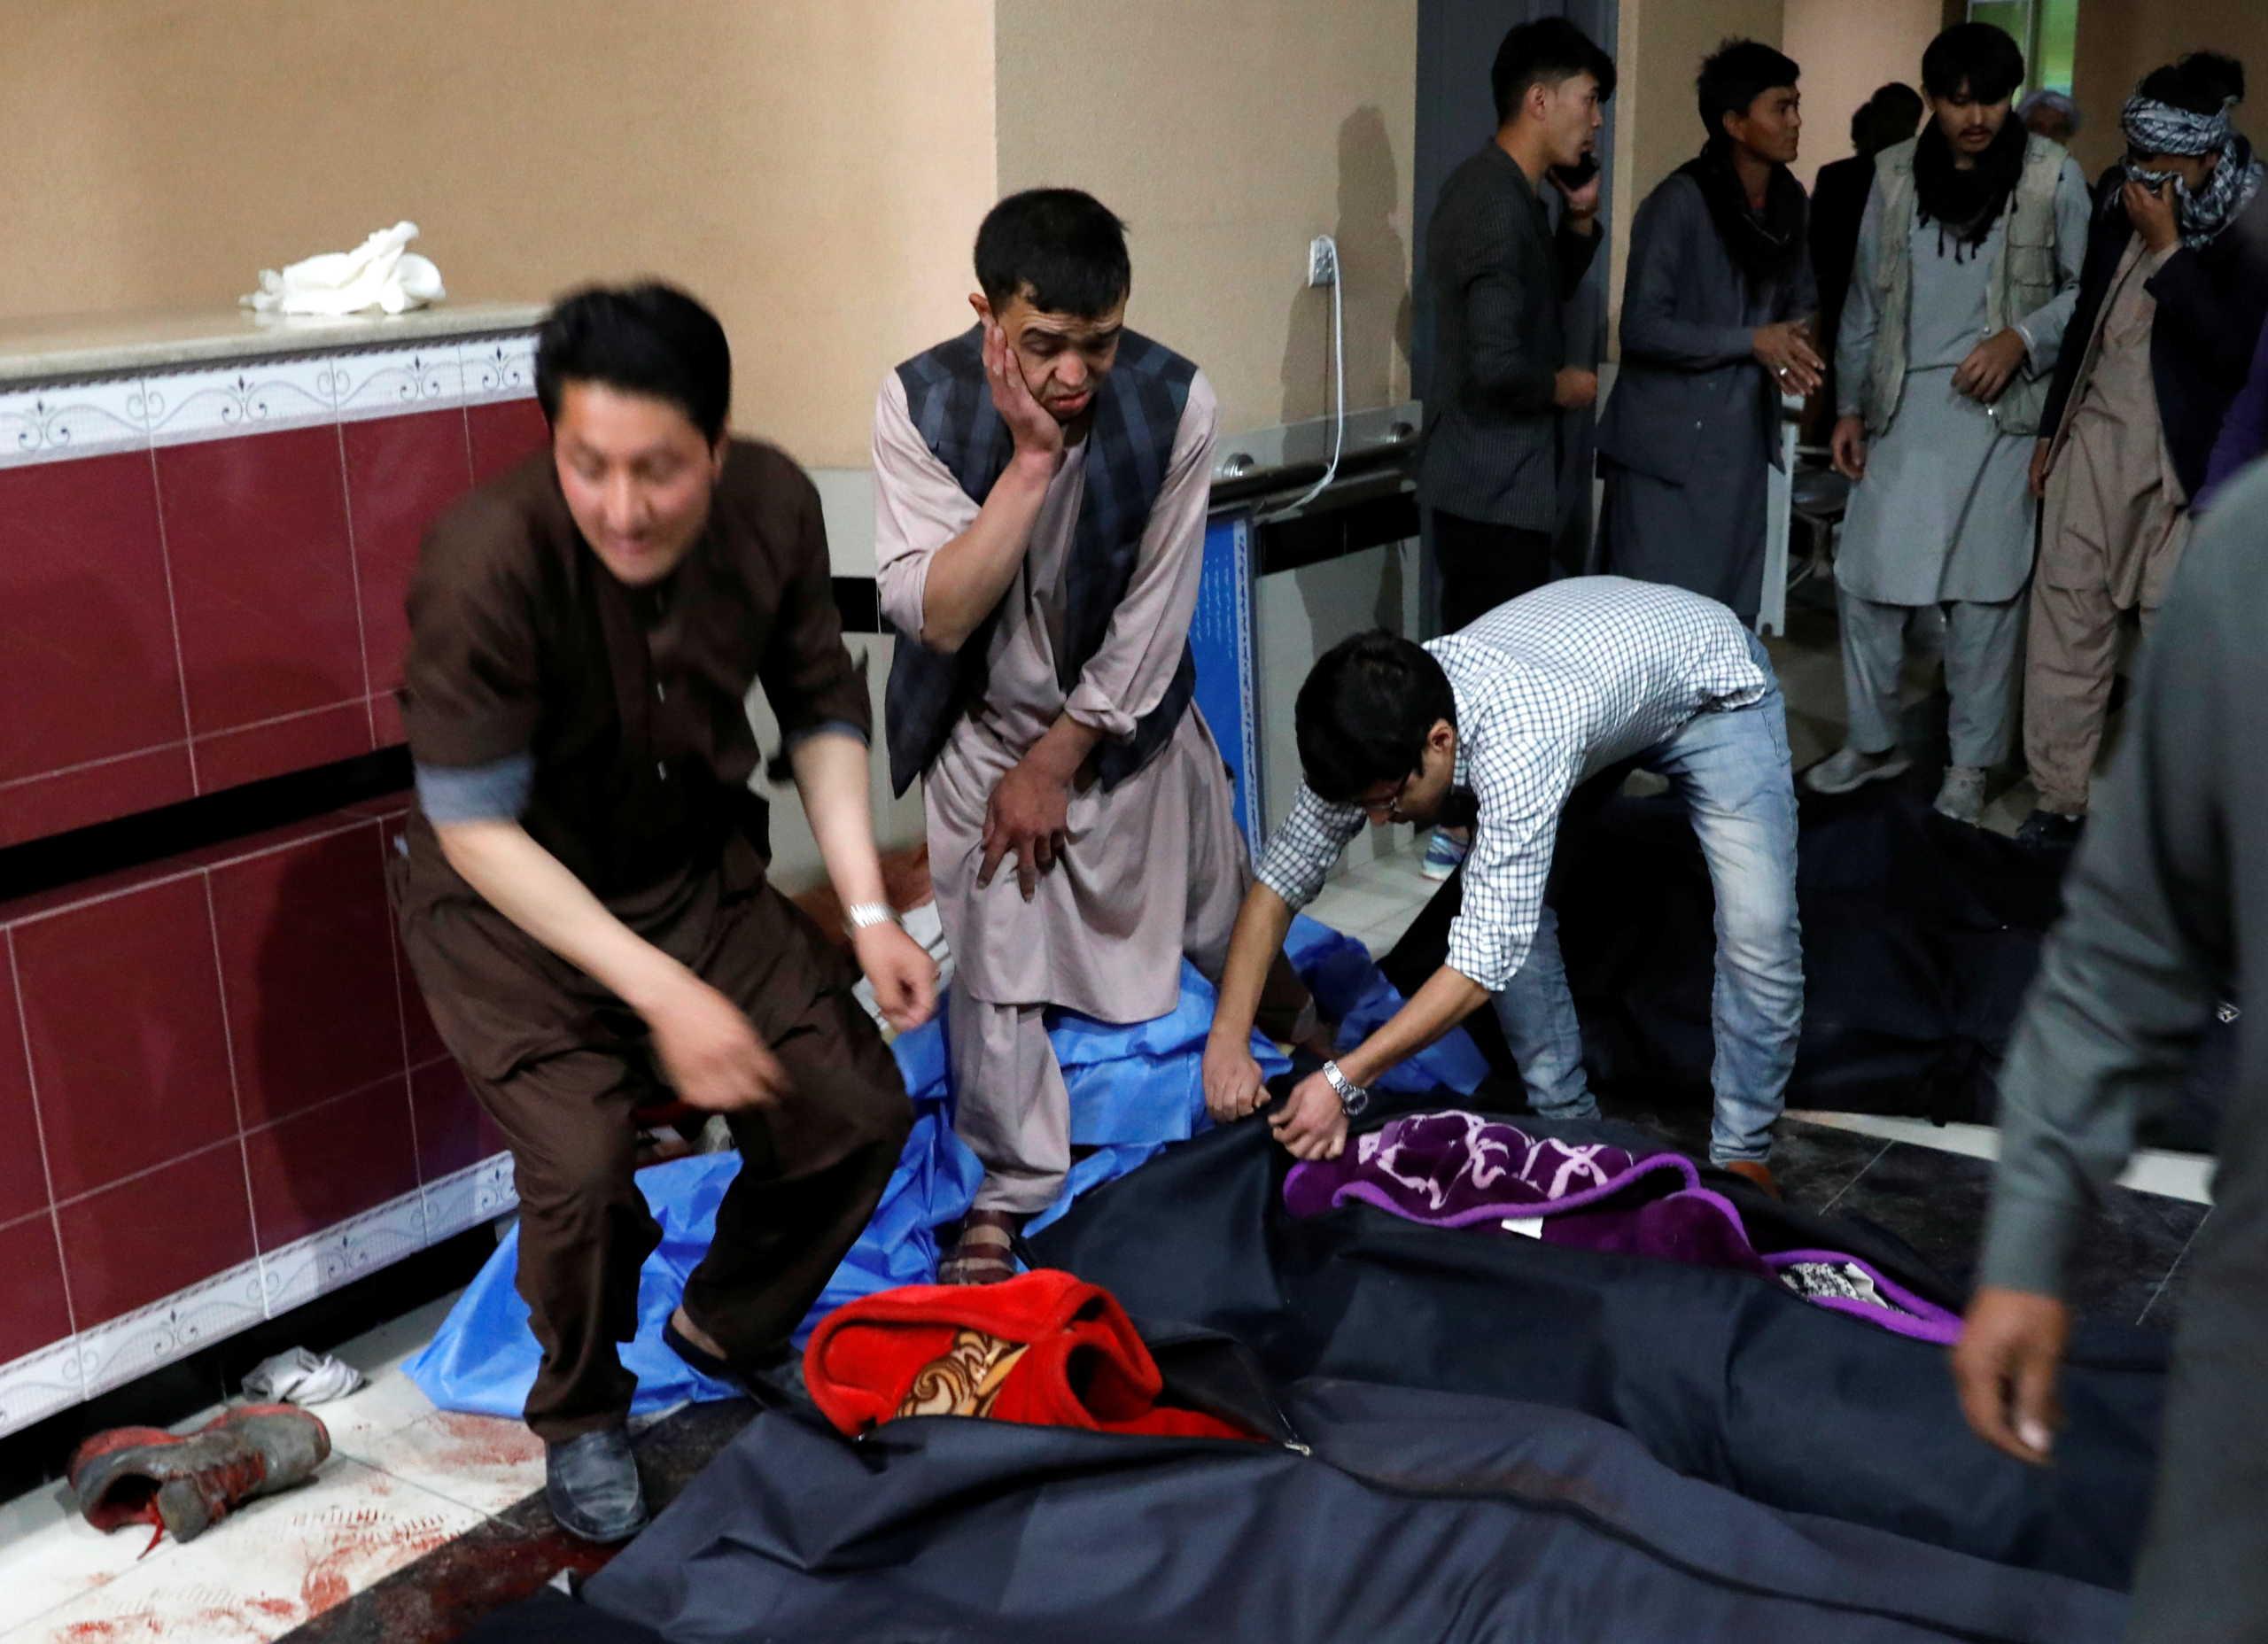 Αφγανιστάν: Δεκάδες νεκροί από την επίθεση αυτοκτονίας σε εκπαιδευτικό κέντρο στη Καμπούλ